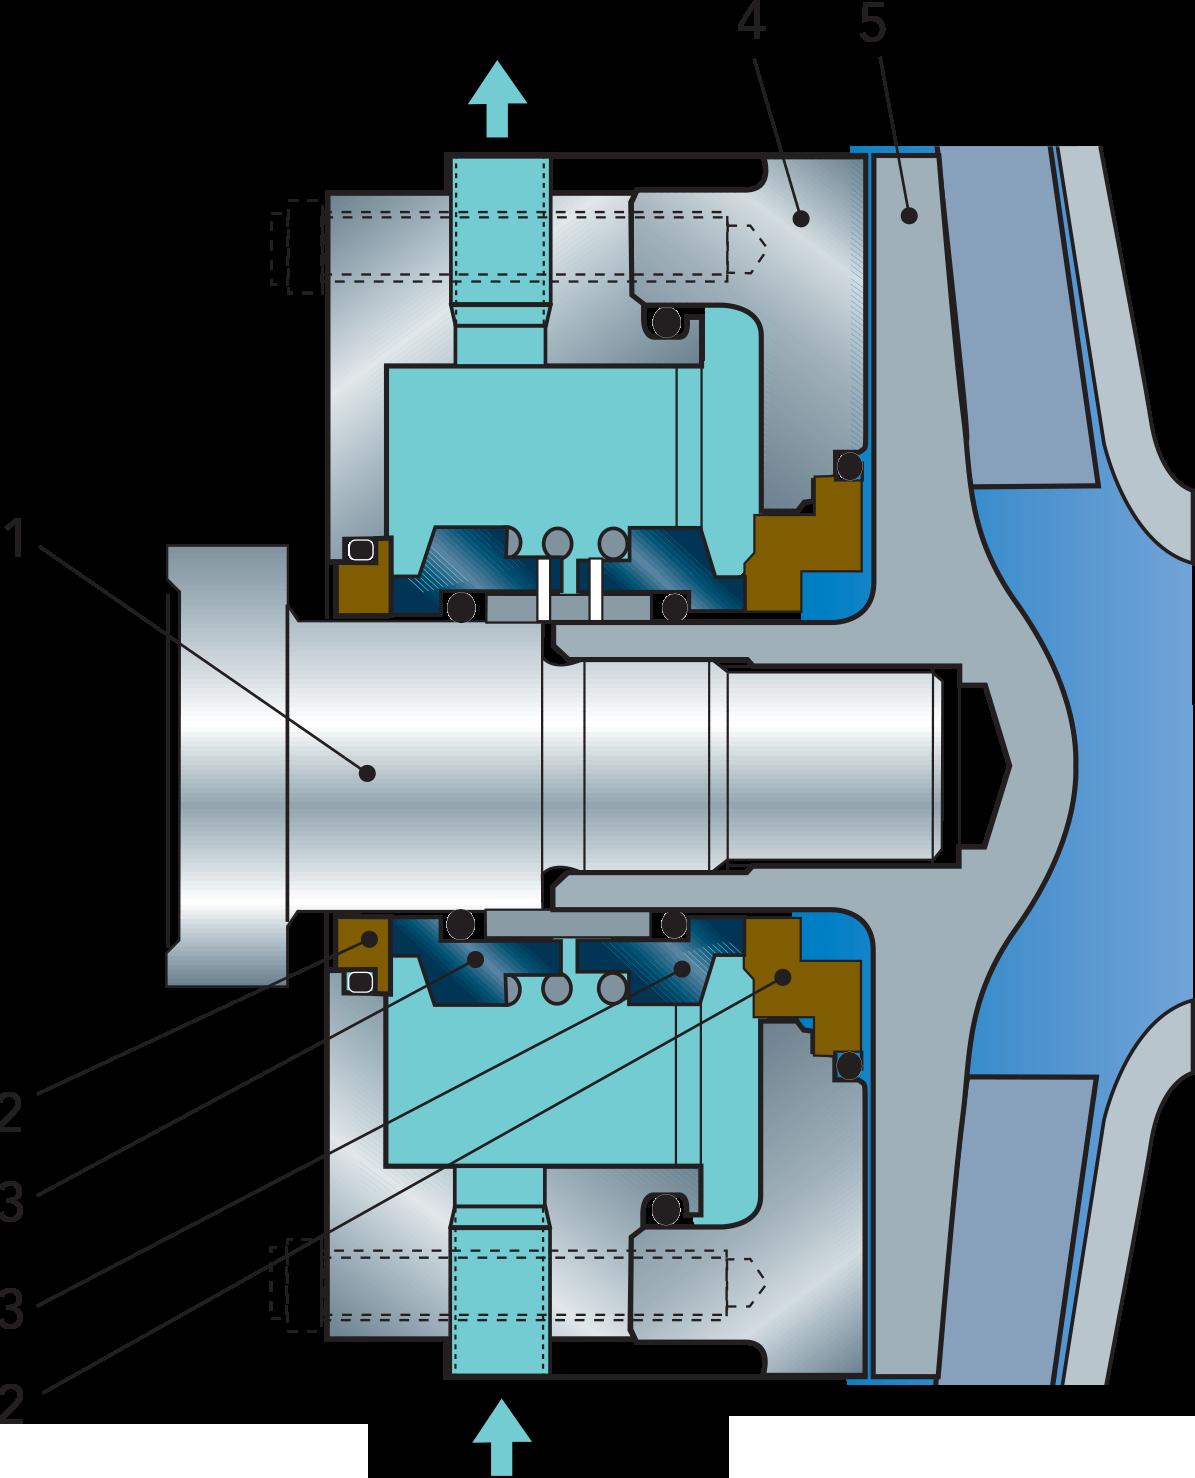 pumps | dairy processing handbook double seal diagram #5